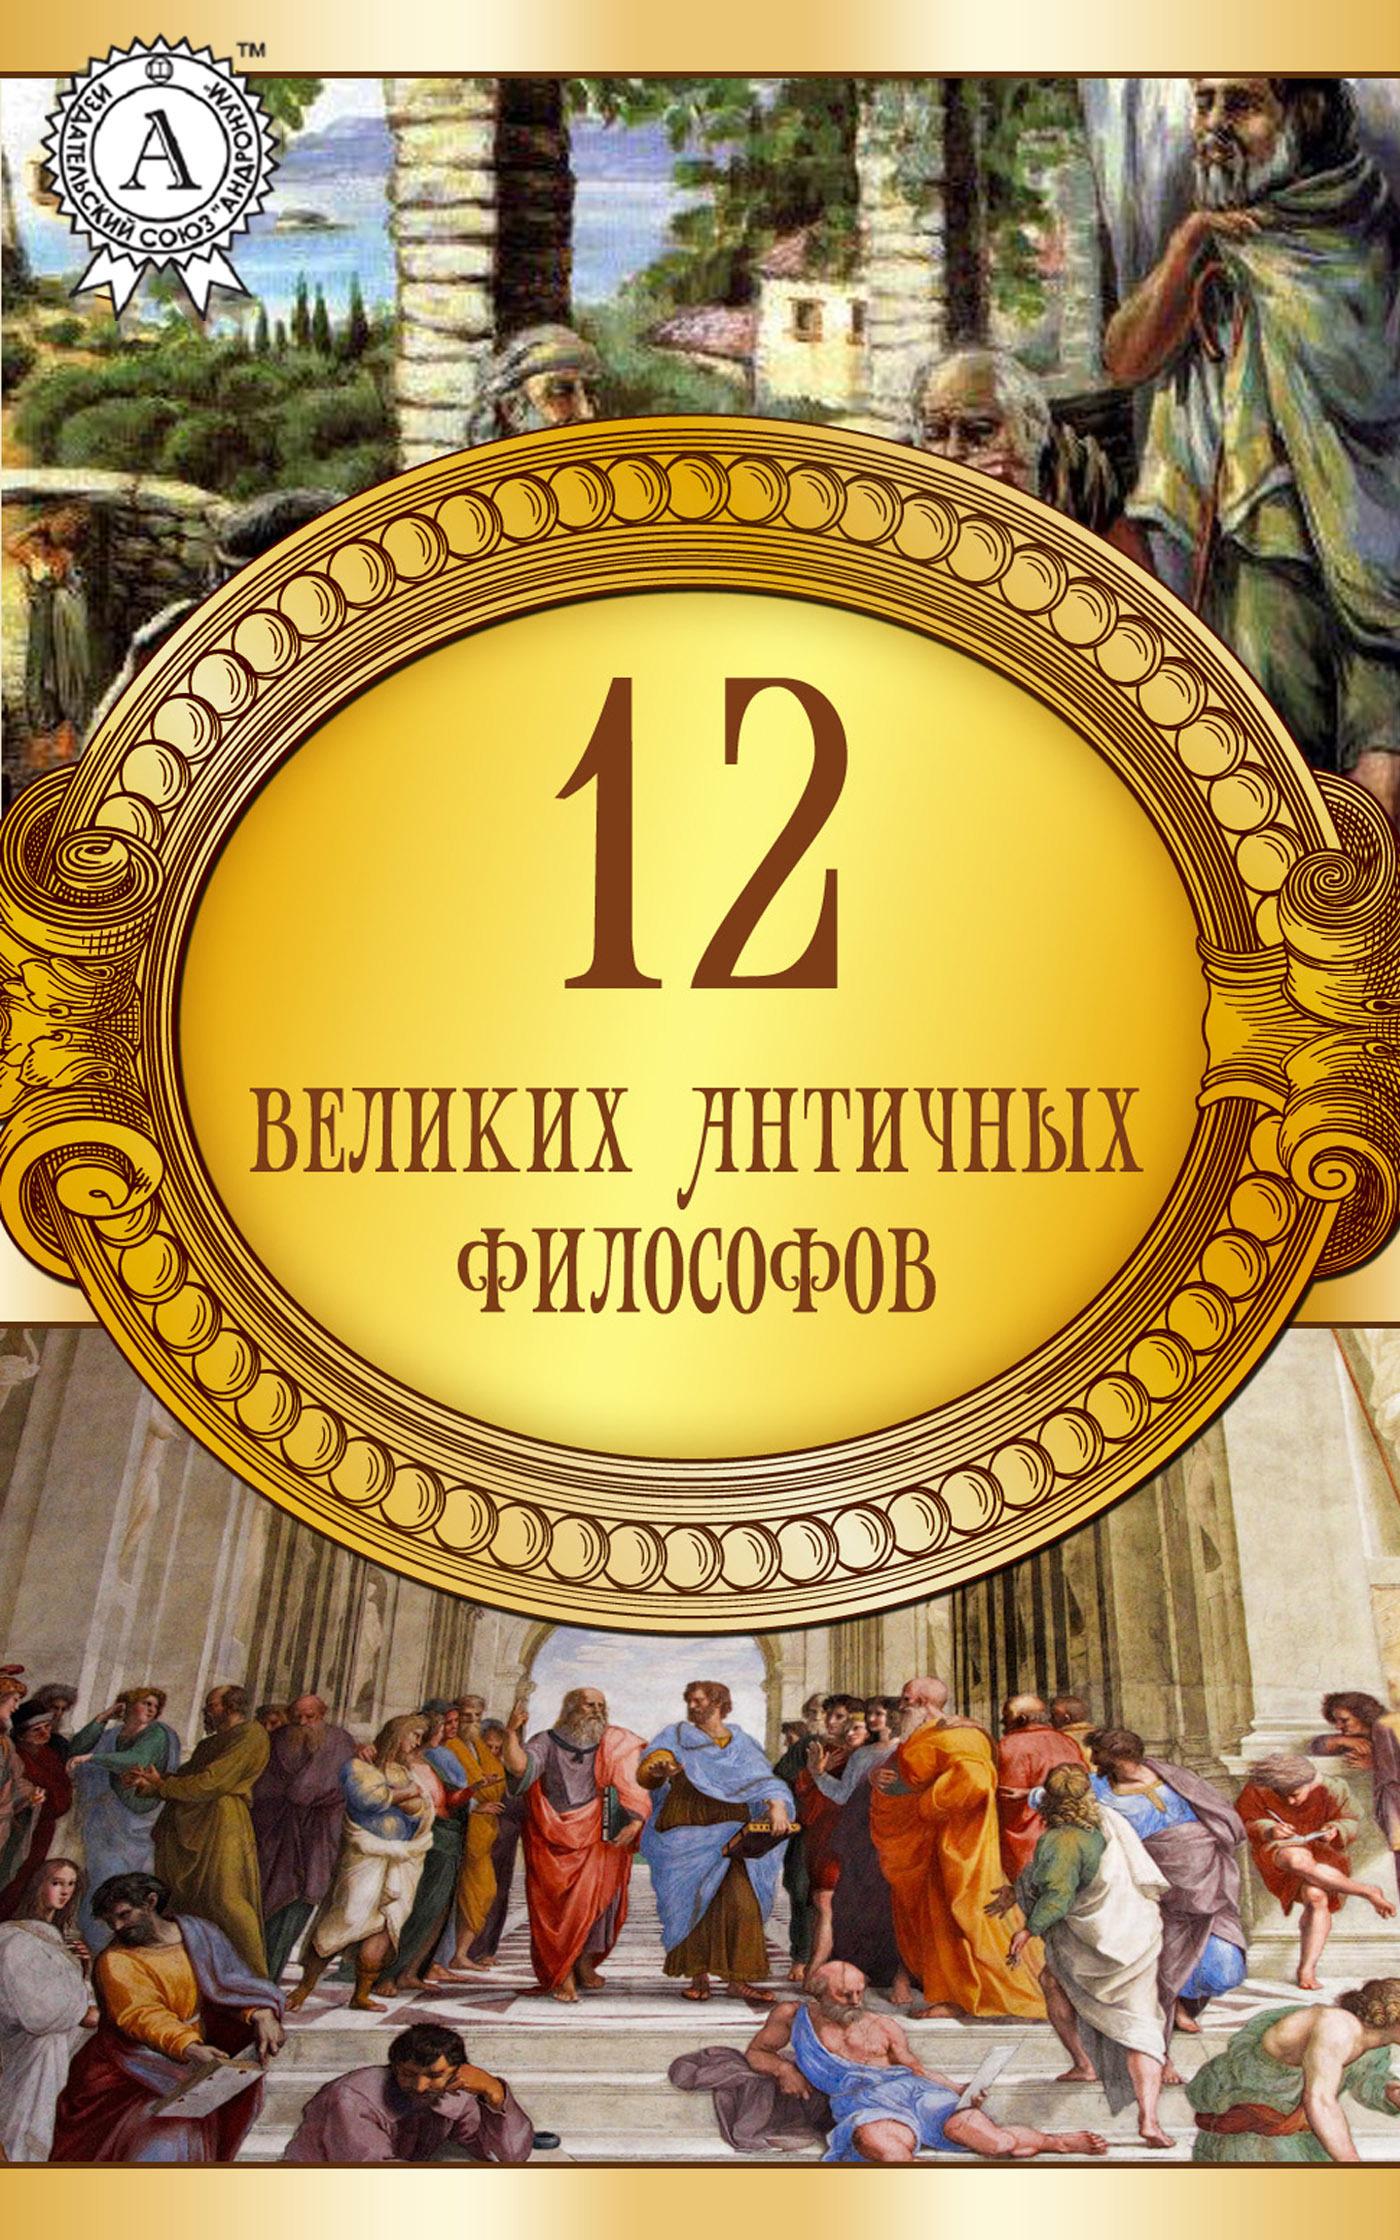 Коллектив авторов 12 великих античных философов антонов в атаманенко и 100 великих® операций спецслужб